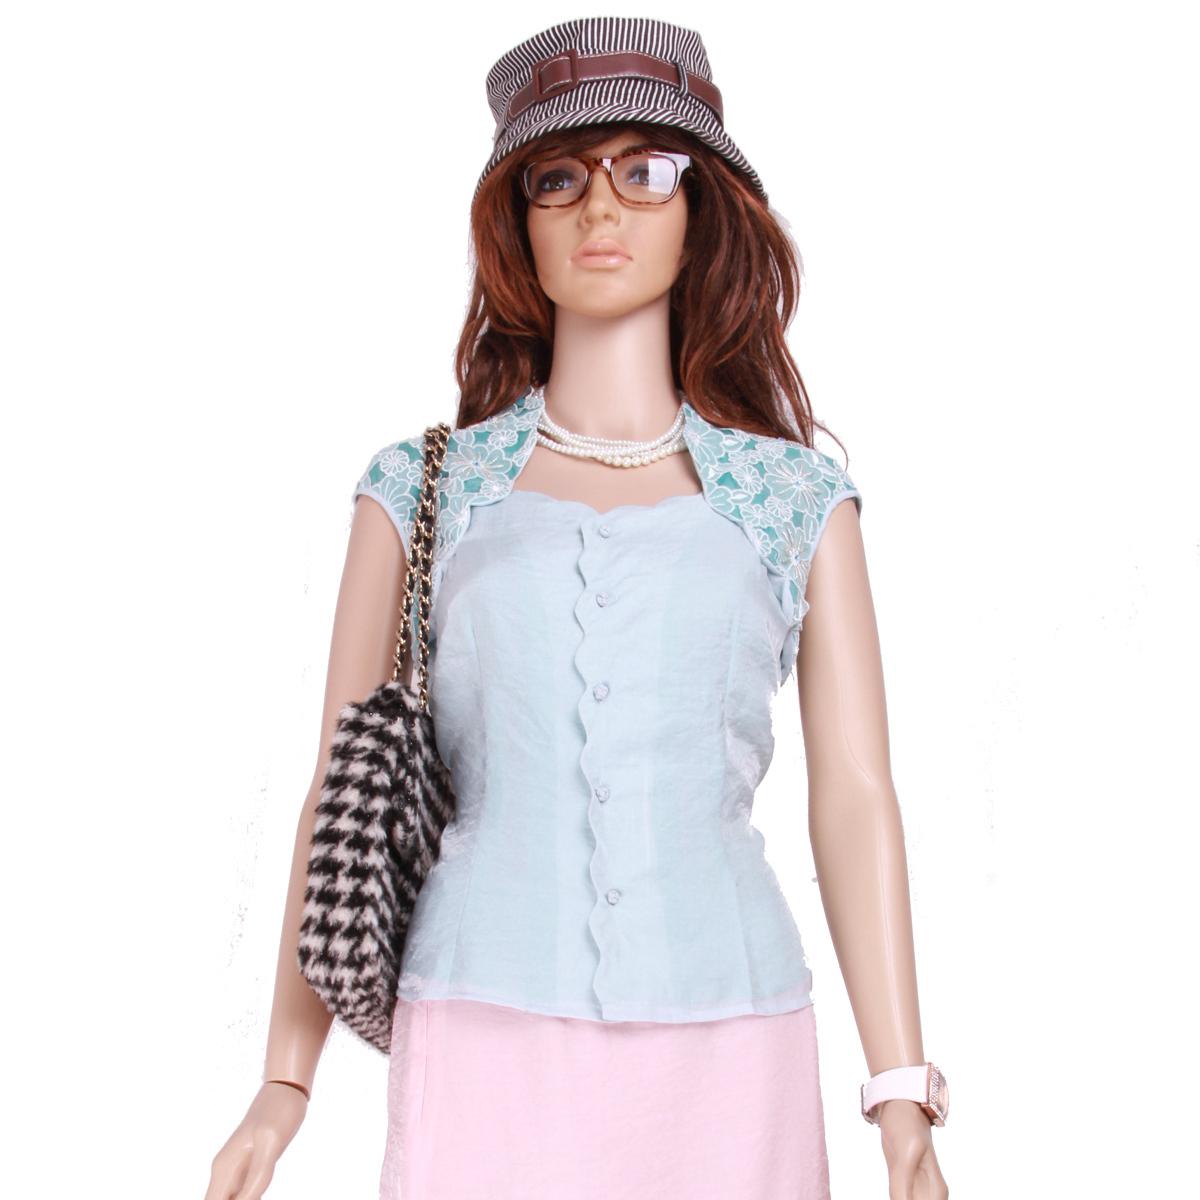 женская рубашка m28s014 Повседневный Короткий рукав Однотонный цвет Воротник-стойка